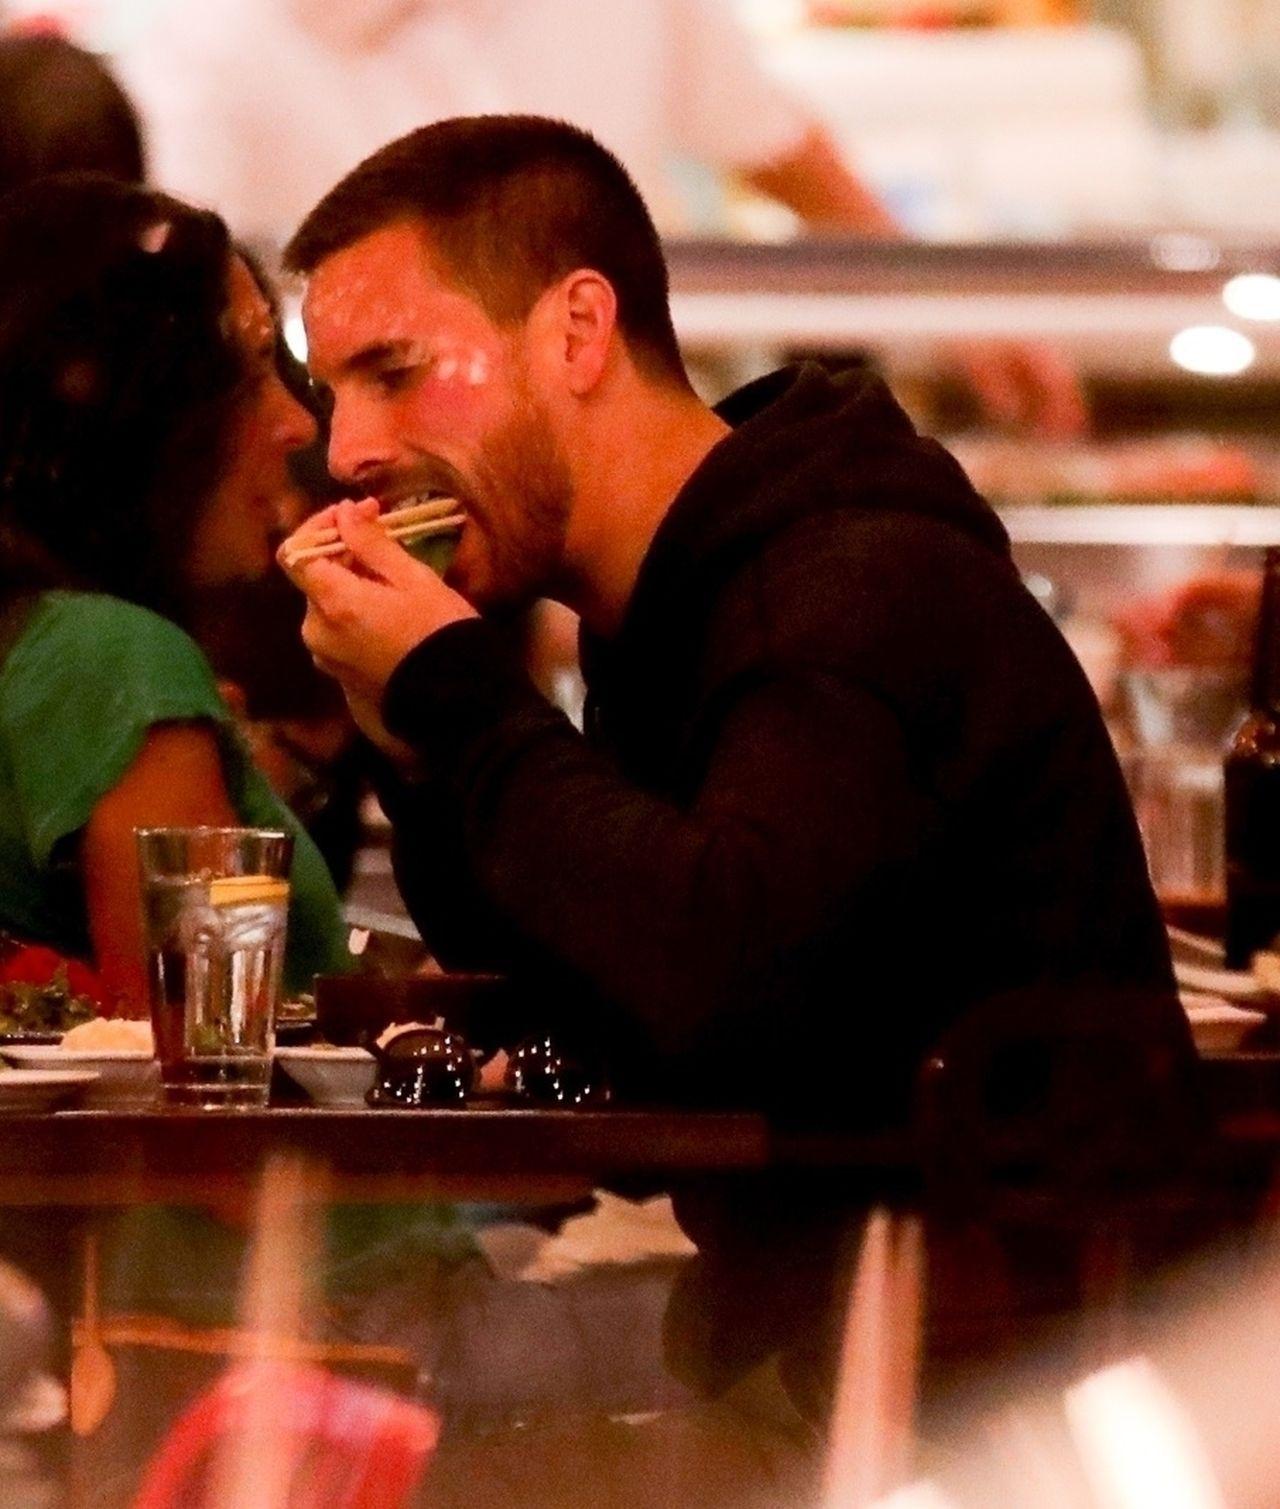 Znudzona Sofia Richie gapi się w telefon, a Scott je sushi - KRYZYS?